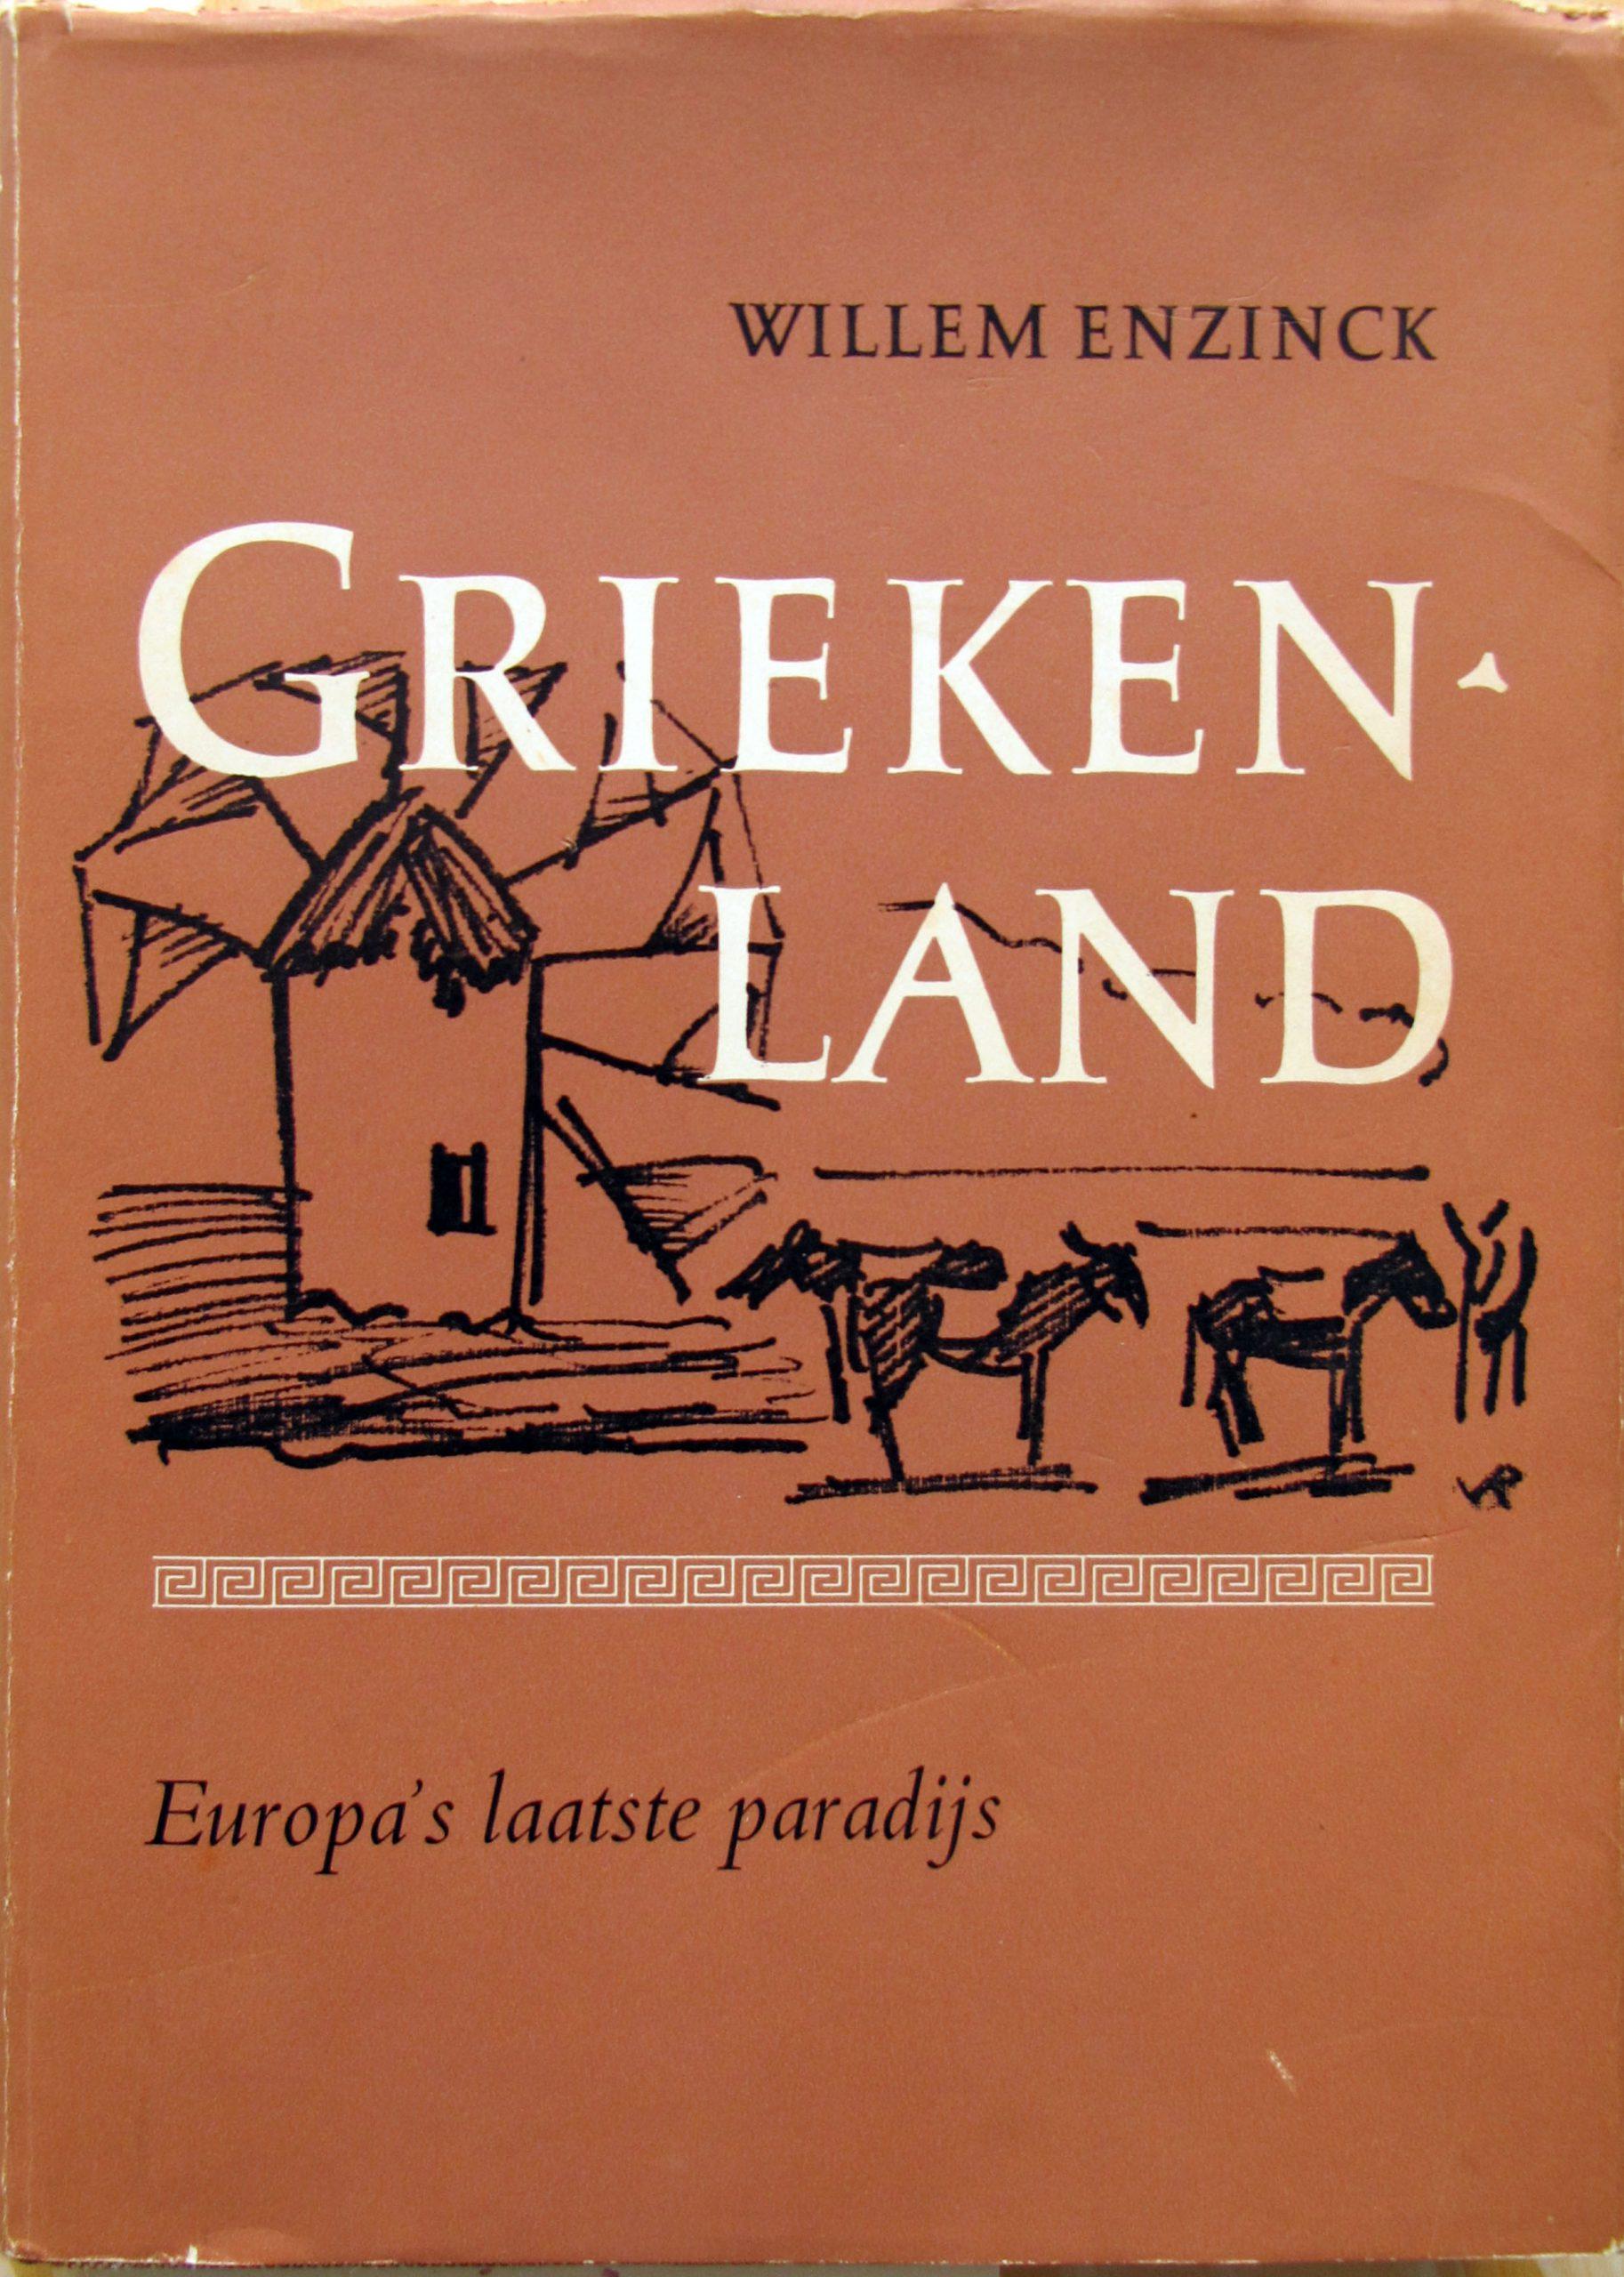 Griekenland, Willem Enzinck